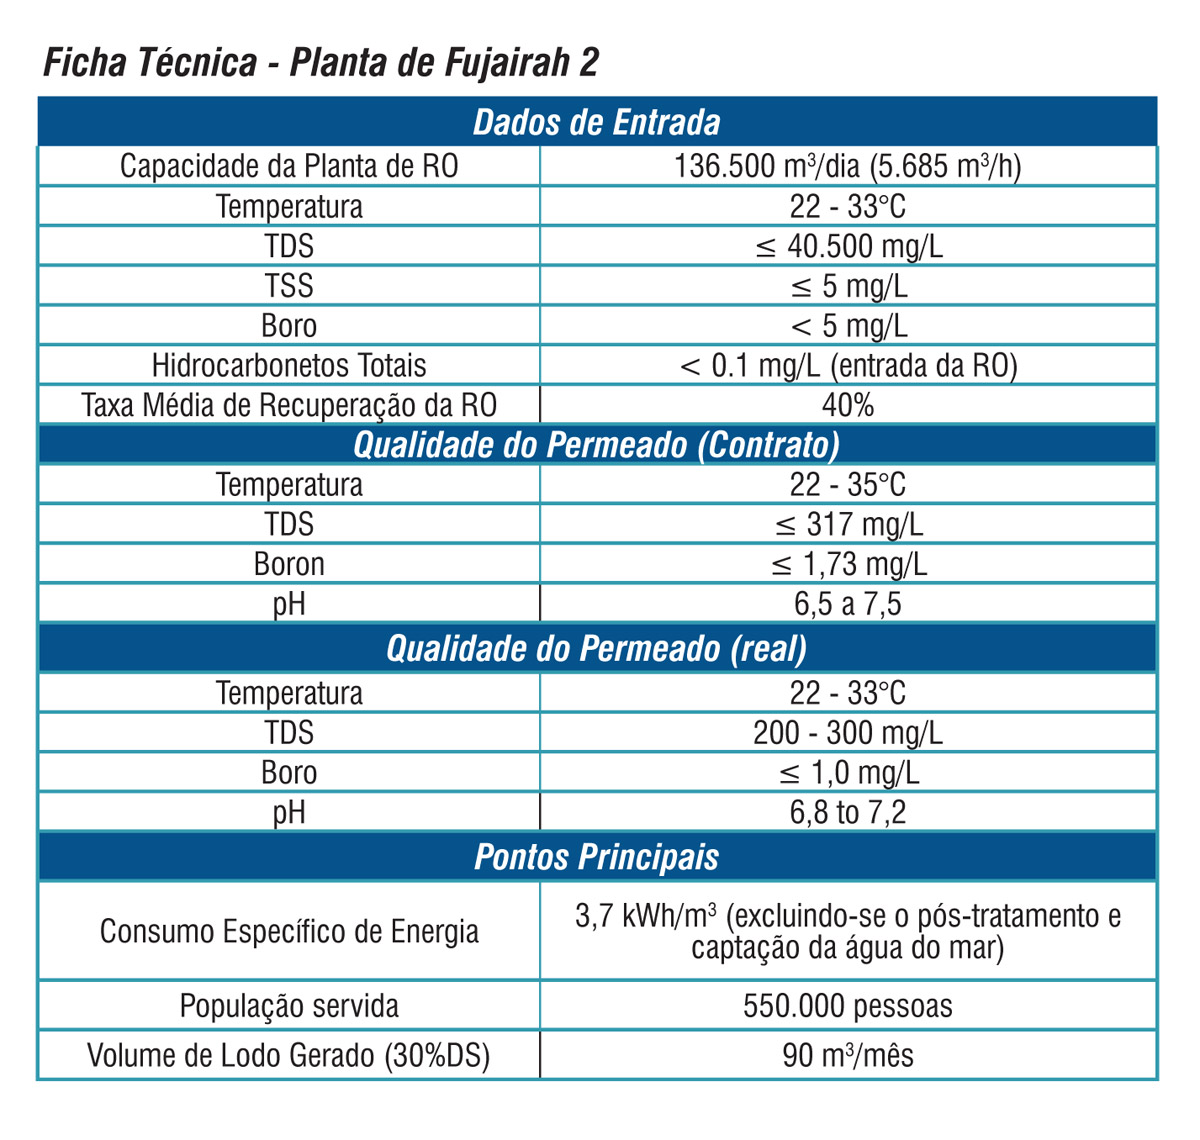 Química e Derivados, Ficha Técnica - Planta de Baix Llobregat 2